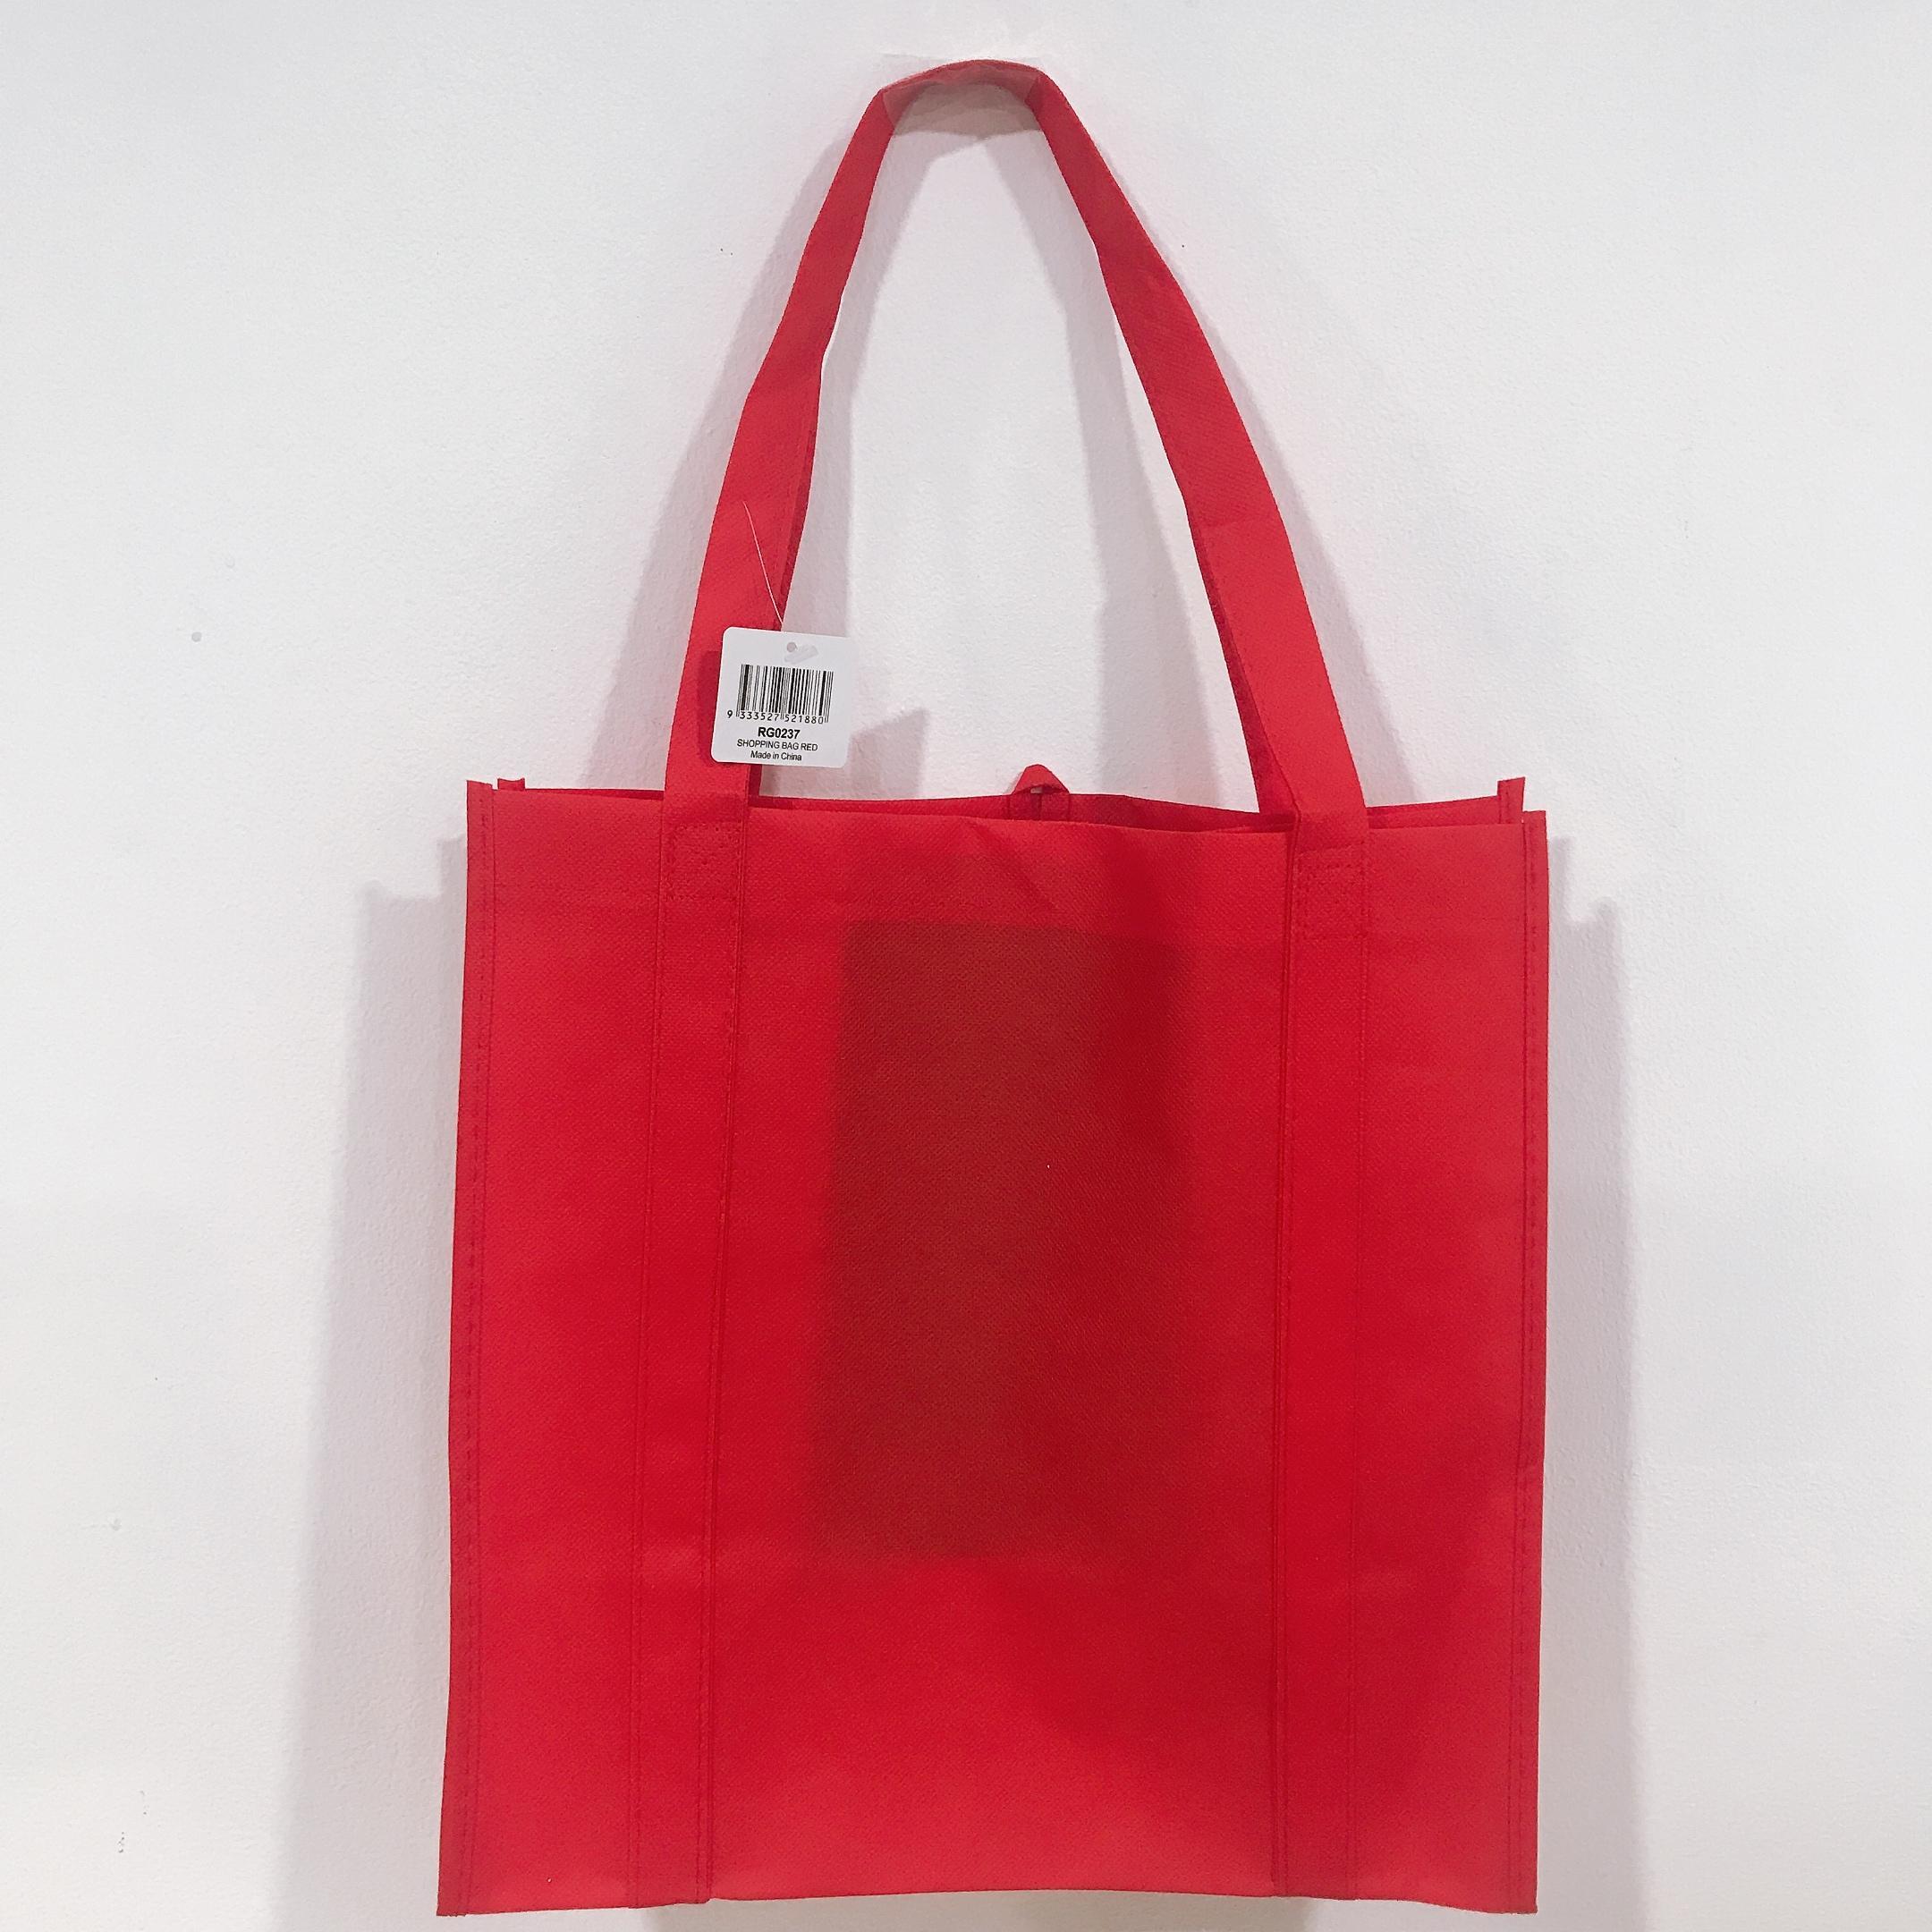 Túi mua sắm UBL RG0237 size 34.5 x 34 x 22 cm (Đỏ)